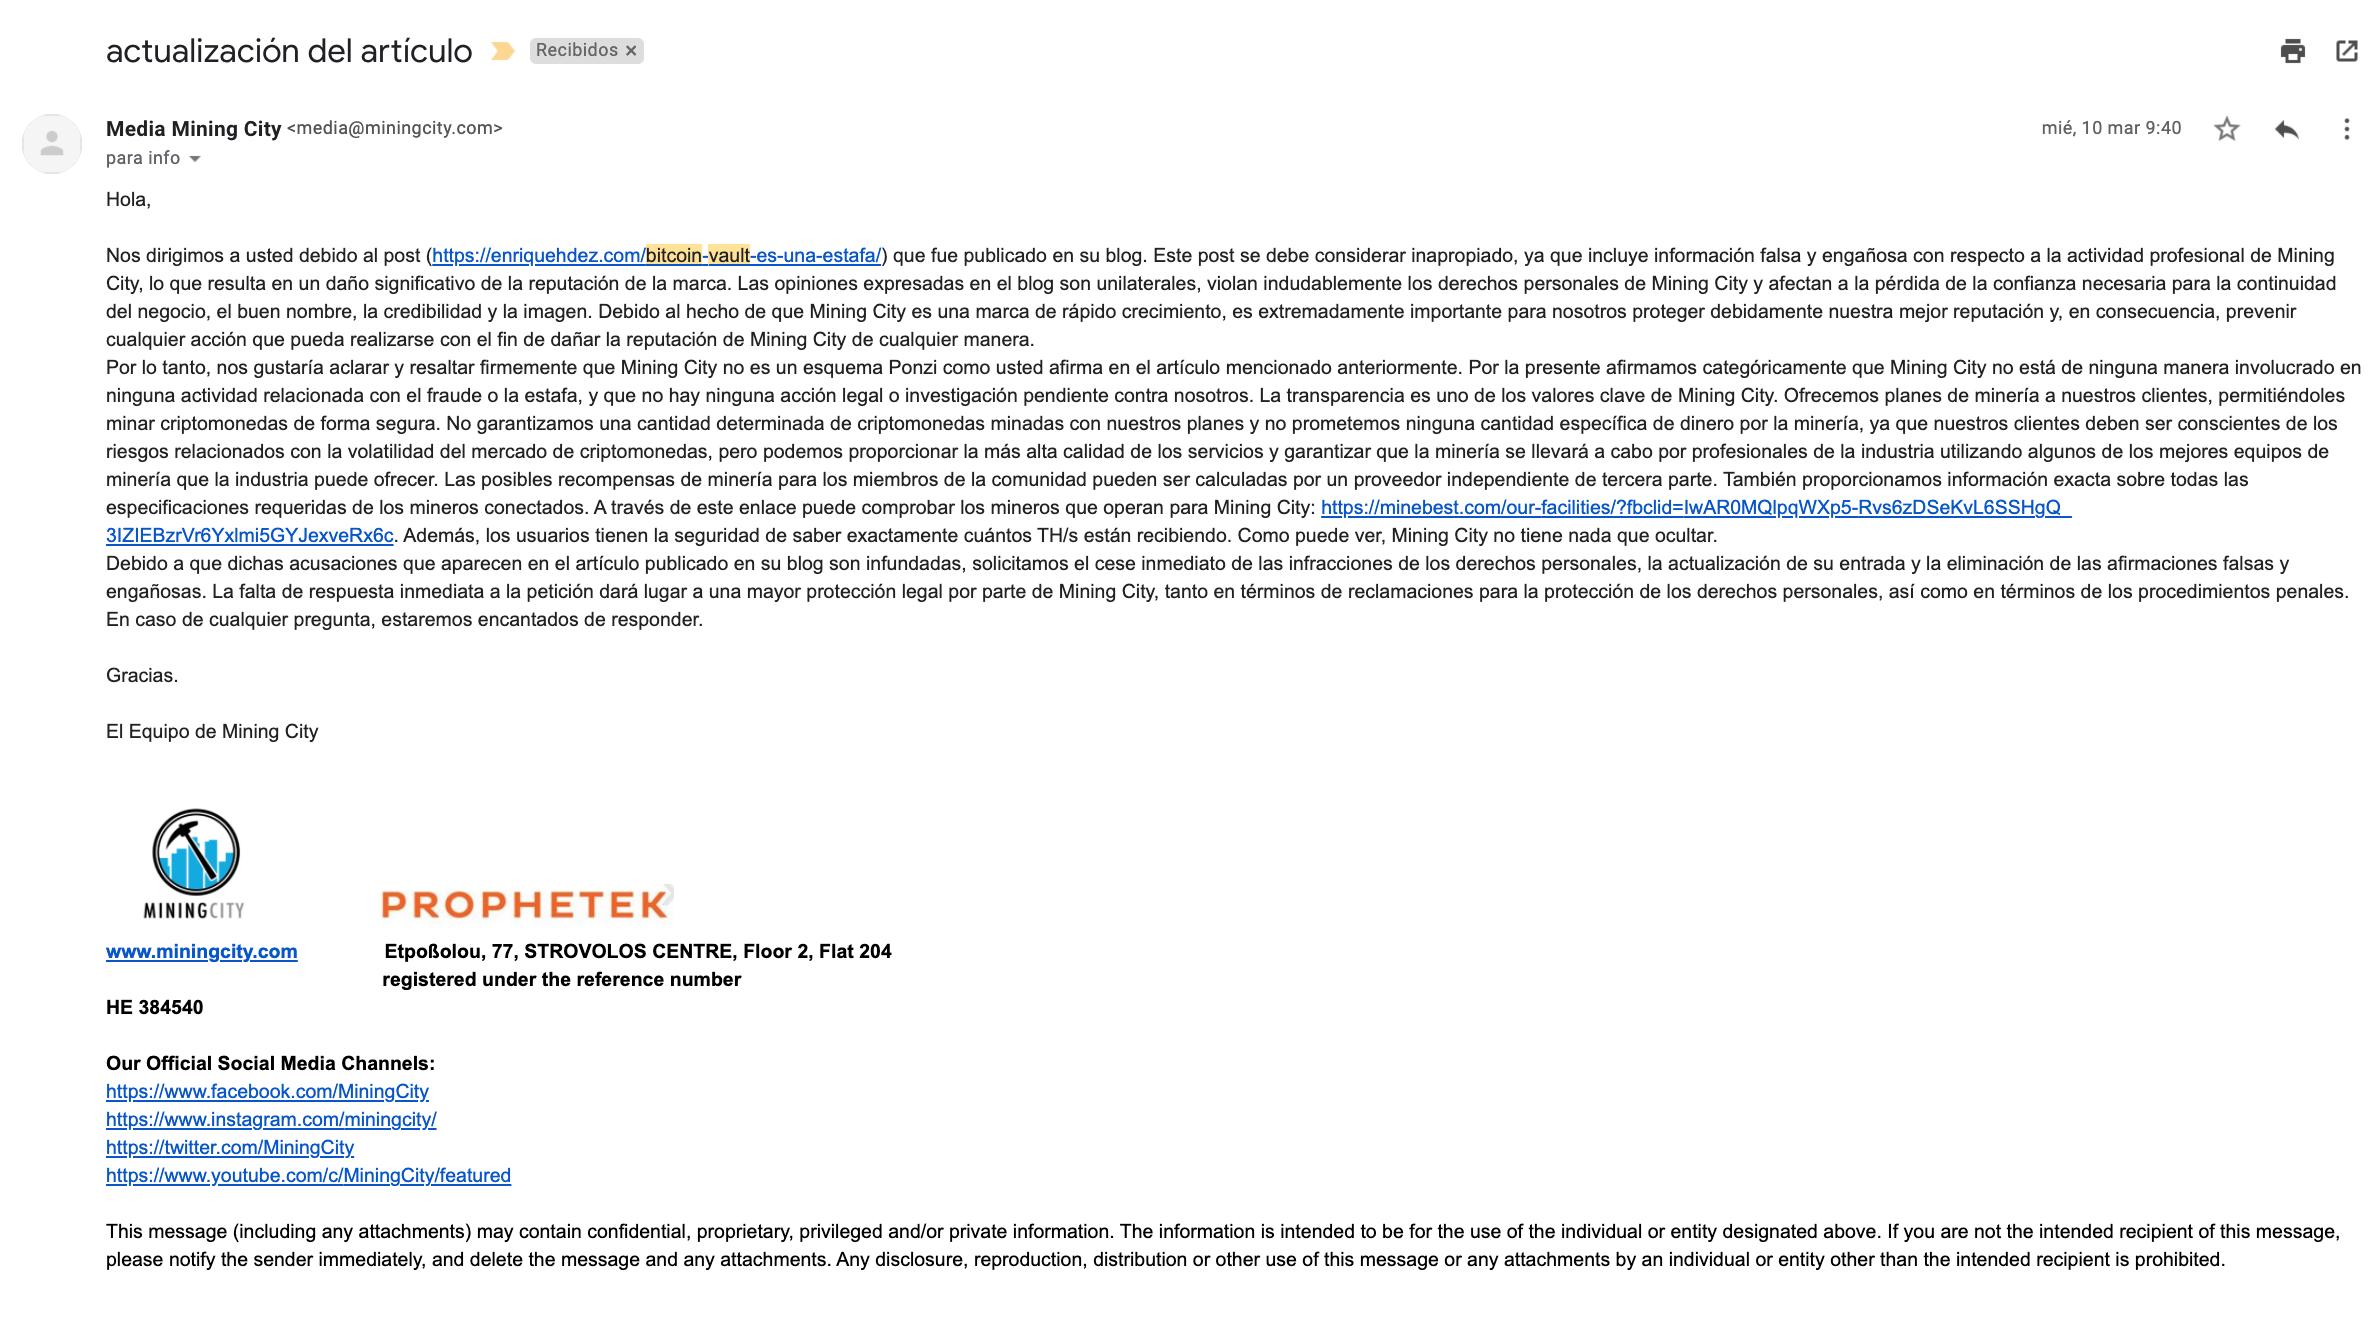 Mail amenazando con denuncia por articulo de blog sobre bitcoin vault y mining city